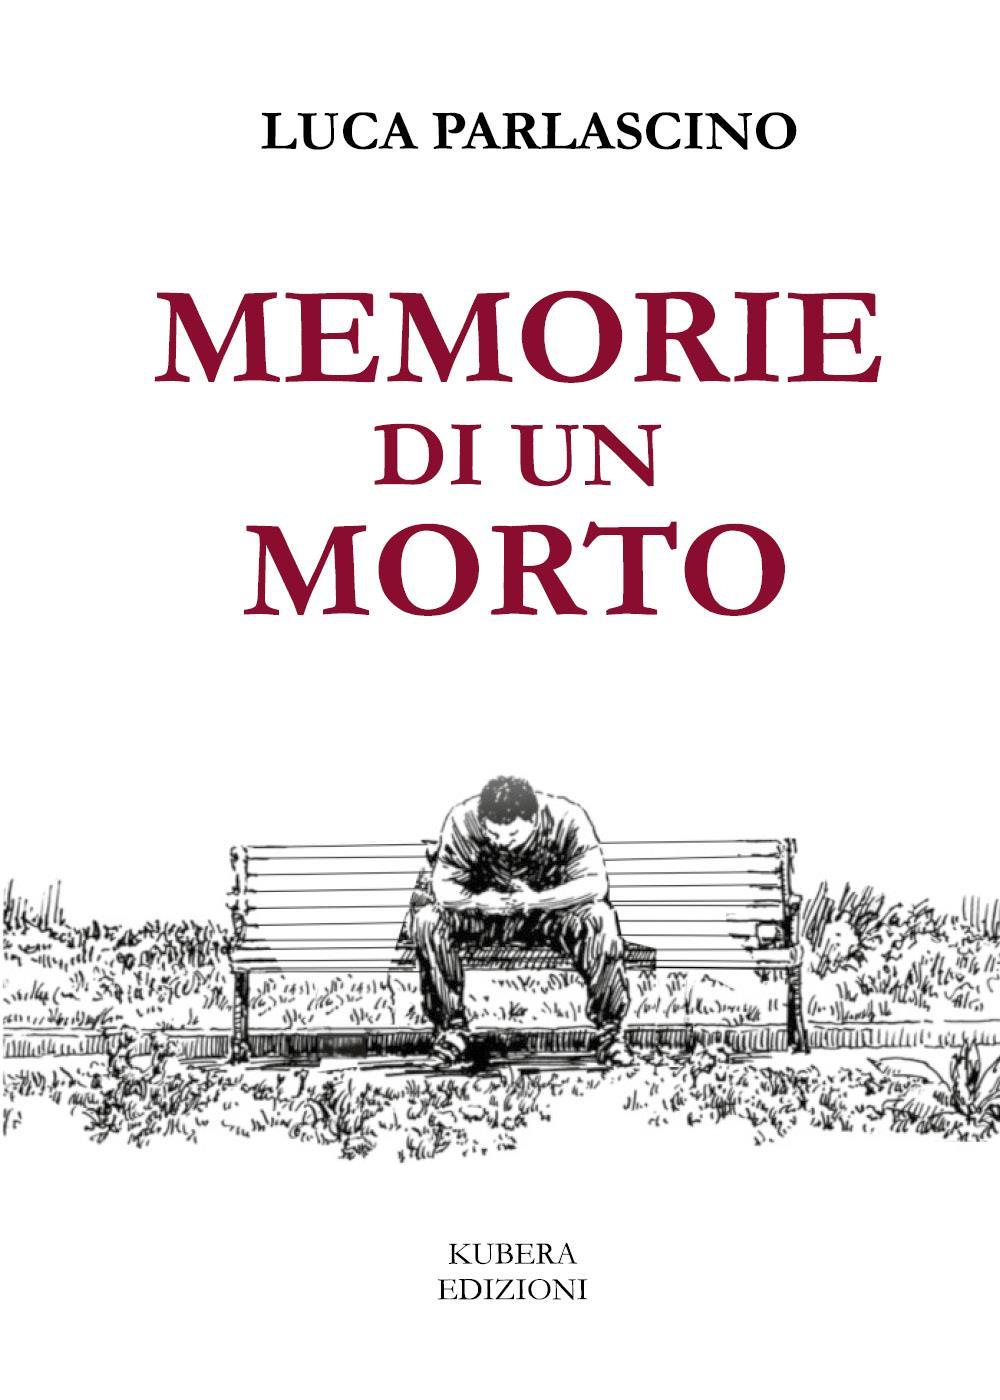 Memorie di un morto